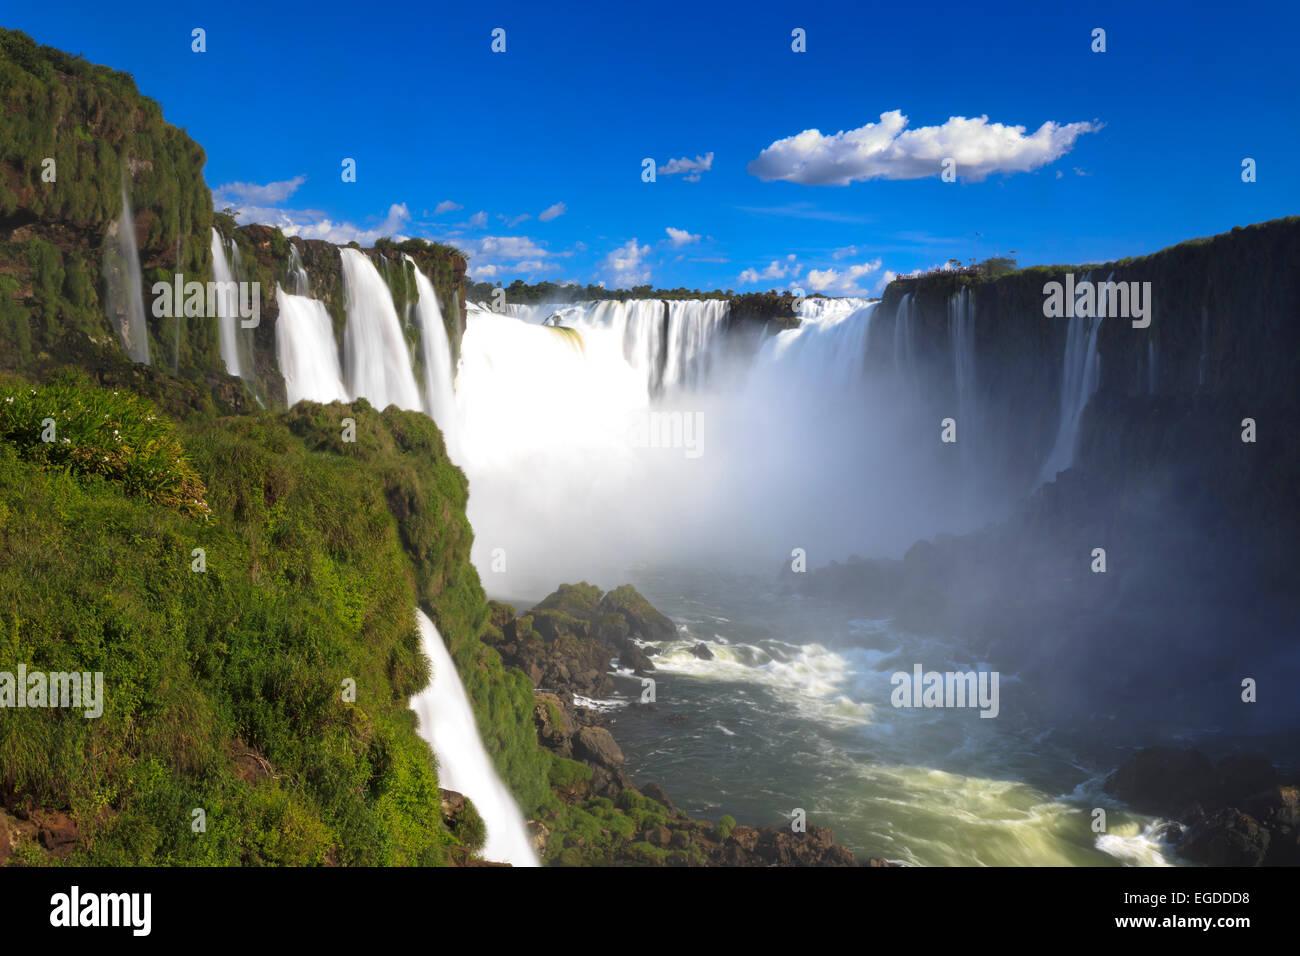 Le Brésil, l'État de Parana, Iguassu Falls National Park (Cataratas do Iguaçu) (UNESCO Site), de la Gorge du Diable Banque D'Images